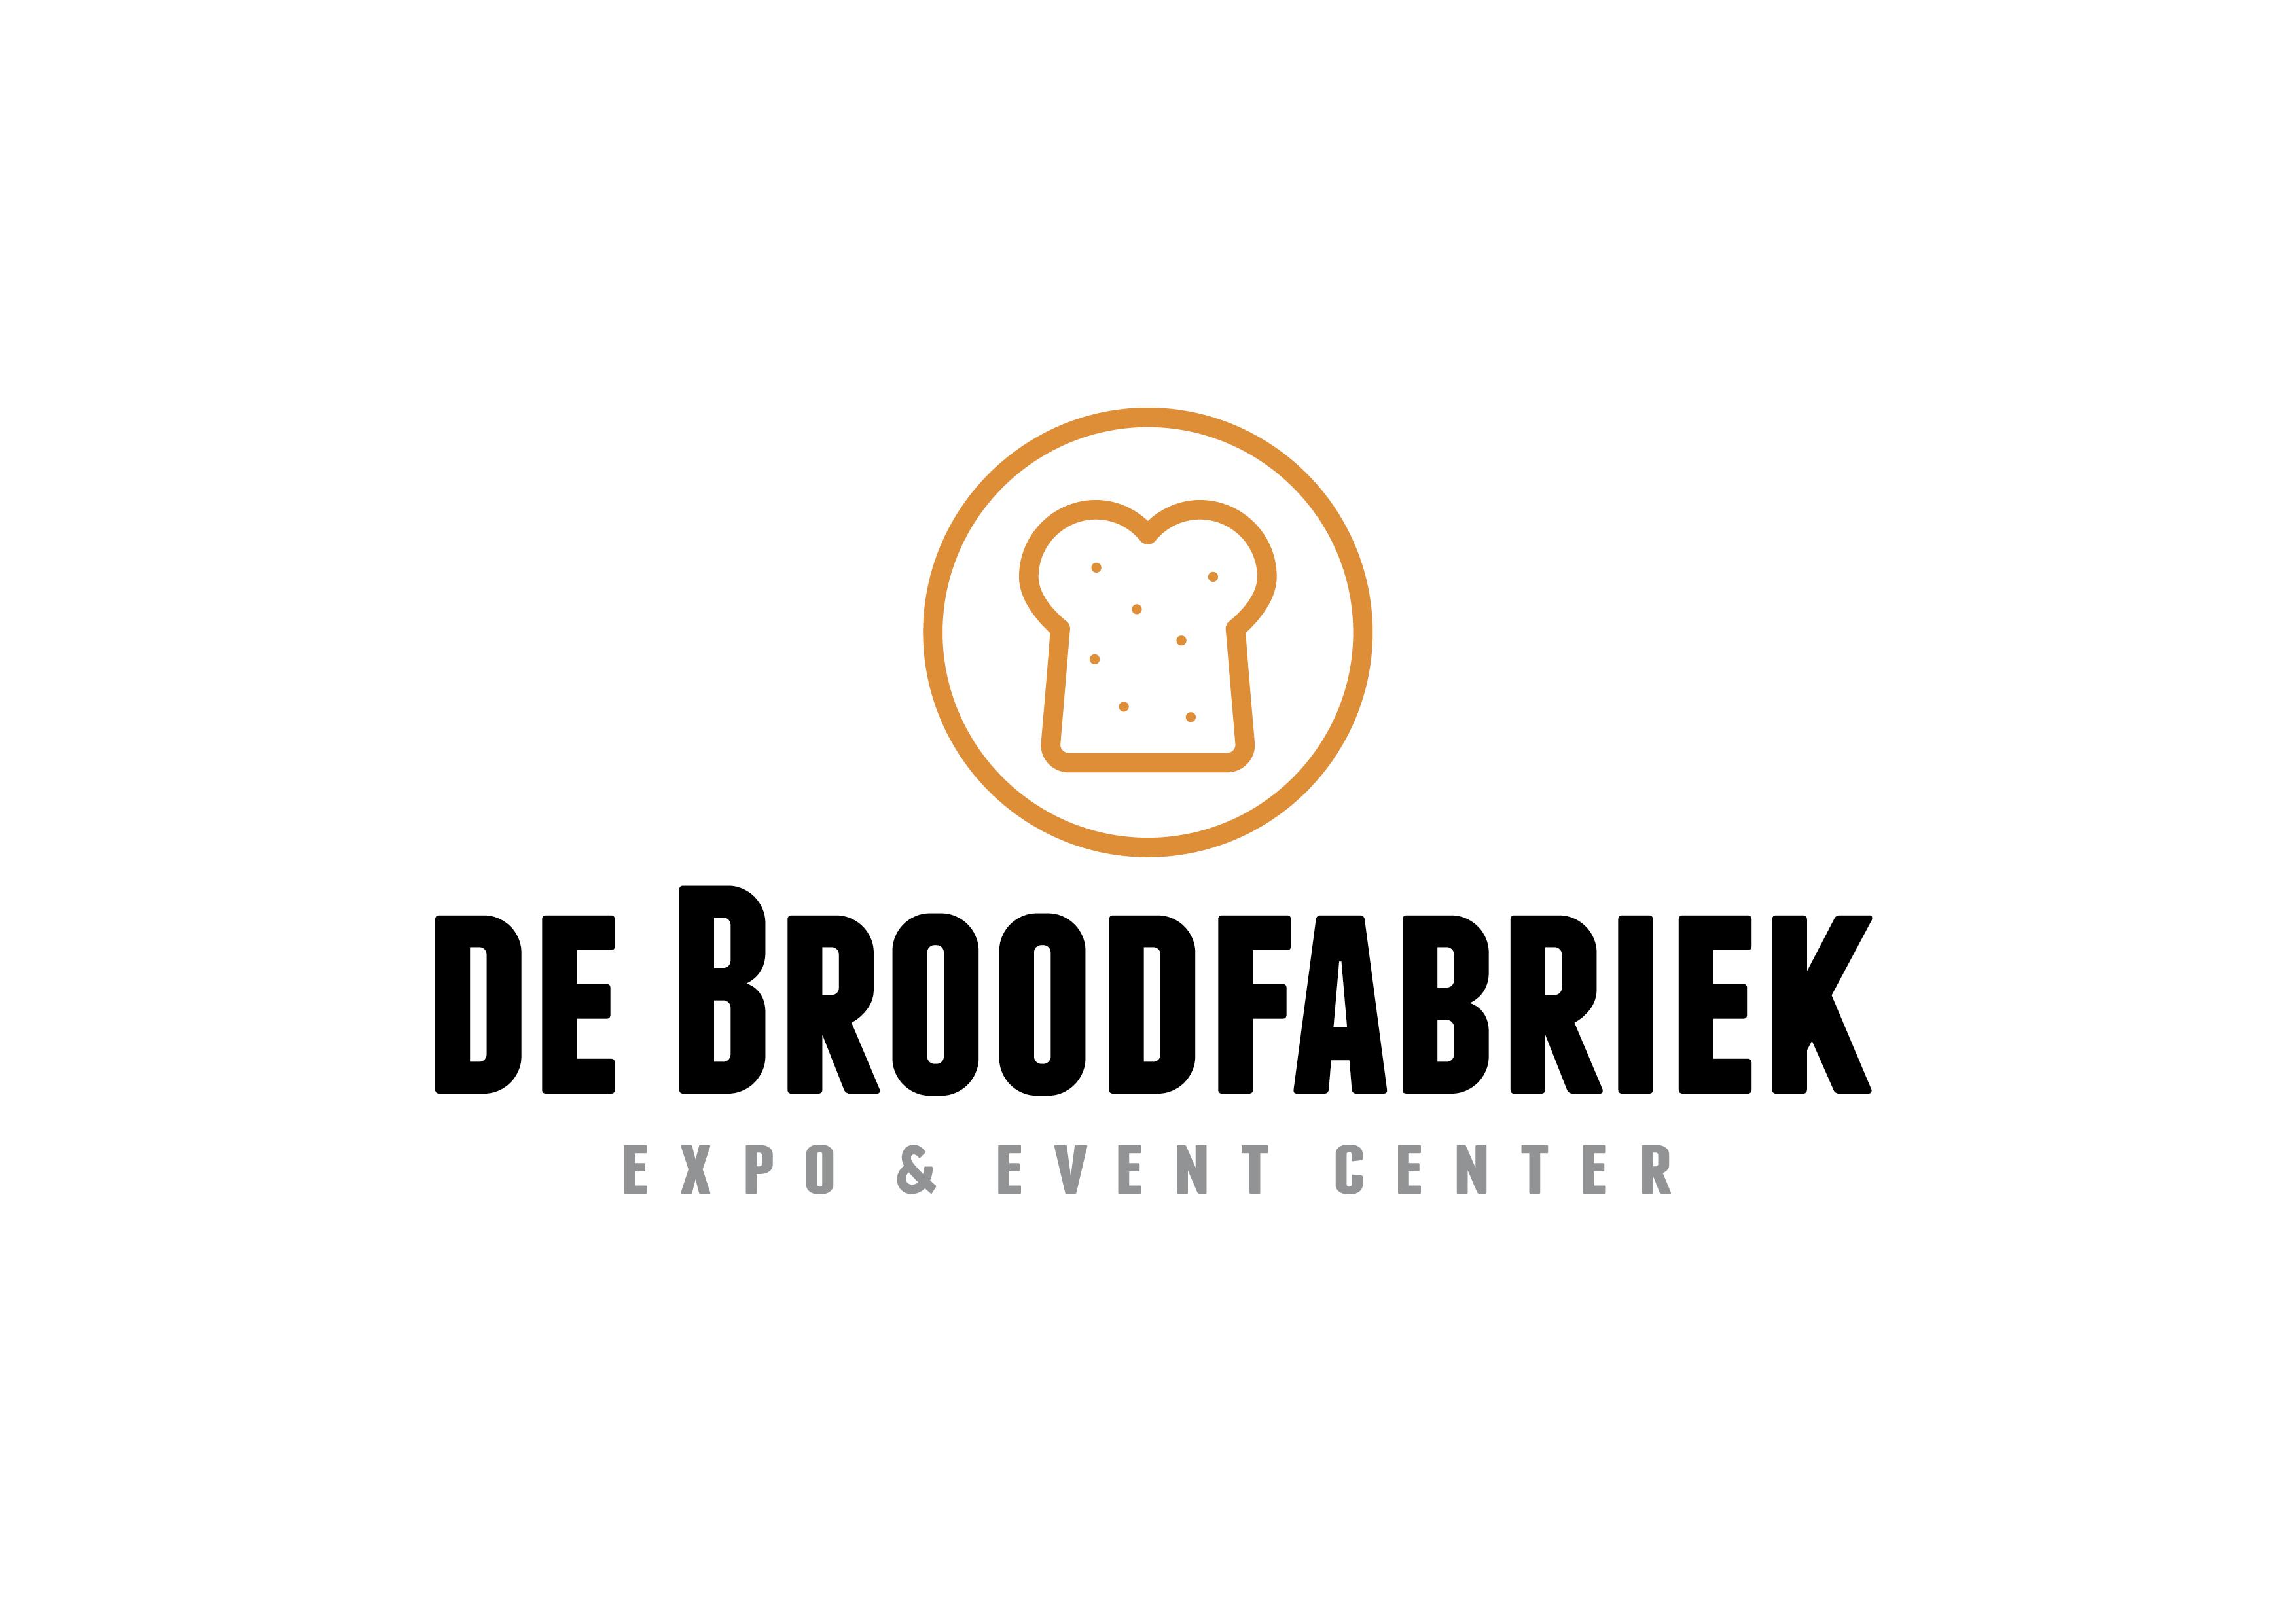 De Broodfabriek - De Broodfabriek is een volledig aangeklede industriële evenement-, congres,- en beurslocatie met een uitstekende bereikbaarheid in de Randstad.